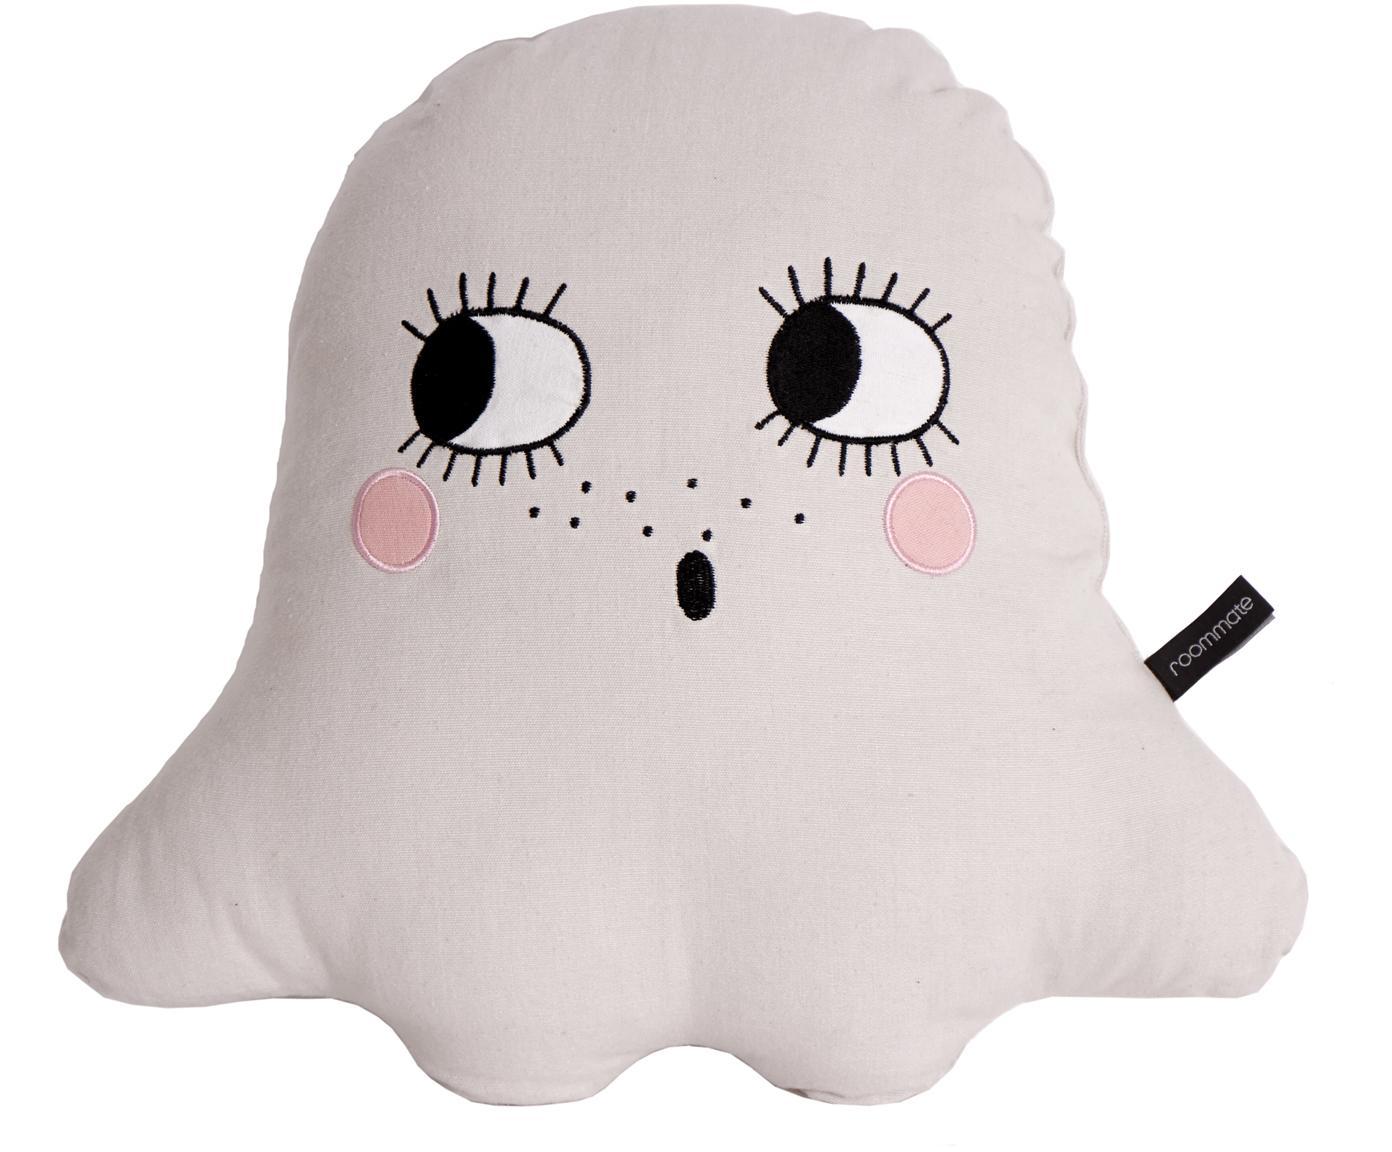 Kissen Ghost aus Bio-Baumwolle, mit Inlett, Bezug: Bio-Baumwolle, OCS-zertif, Weiss, 42 x 42 cm